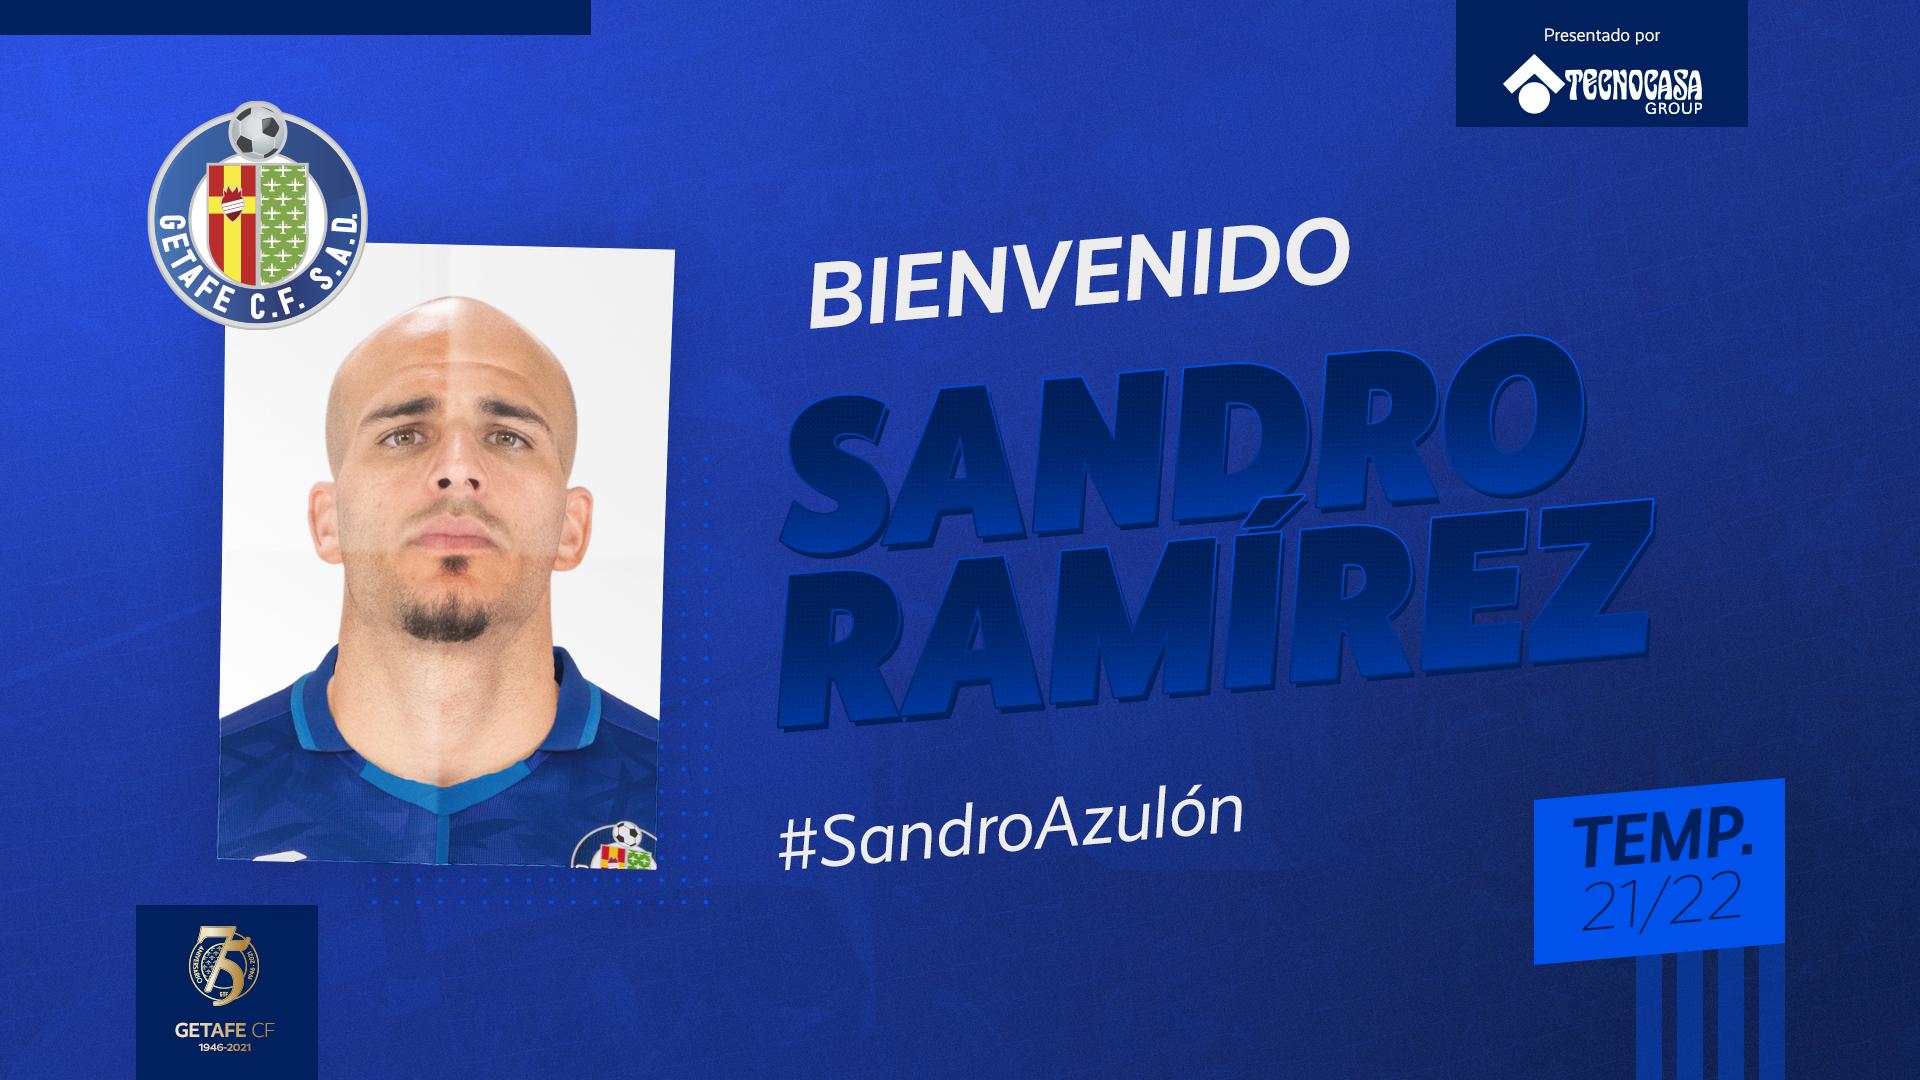 Cựu sao Barca chính thức gia nhập đội bóng thành Madrid  - Bóng Đá